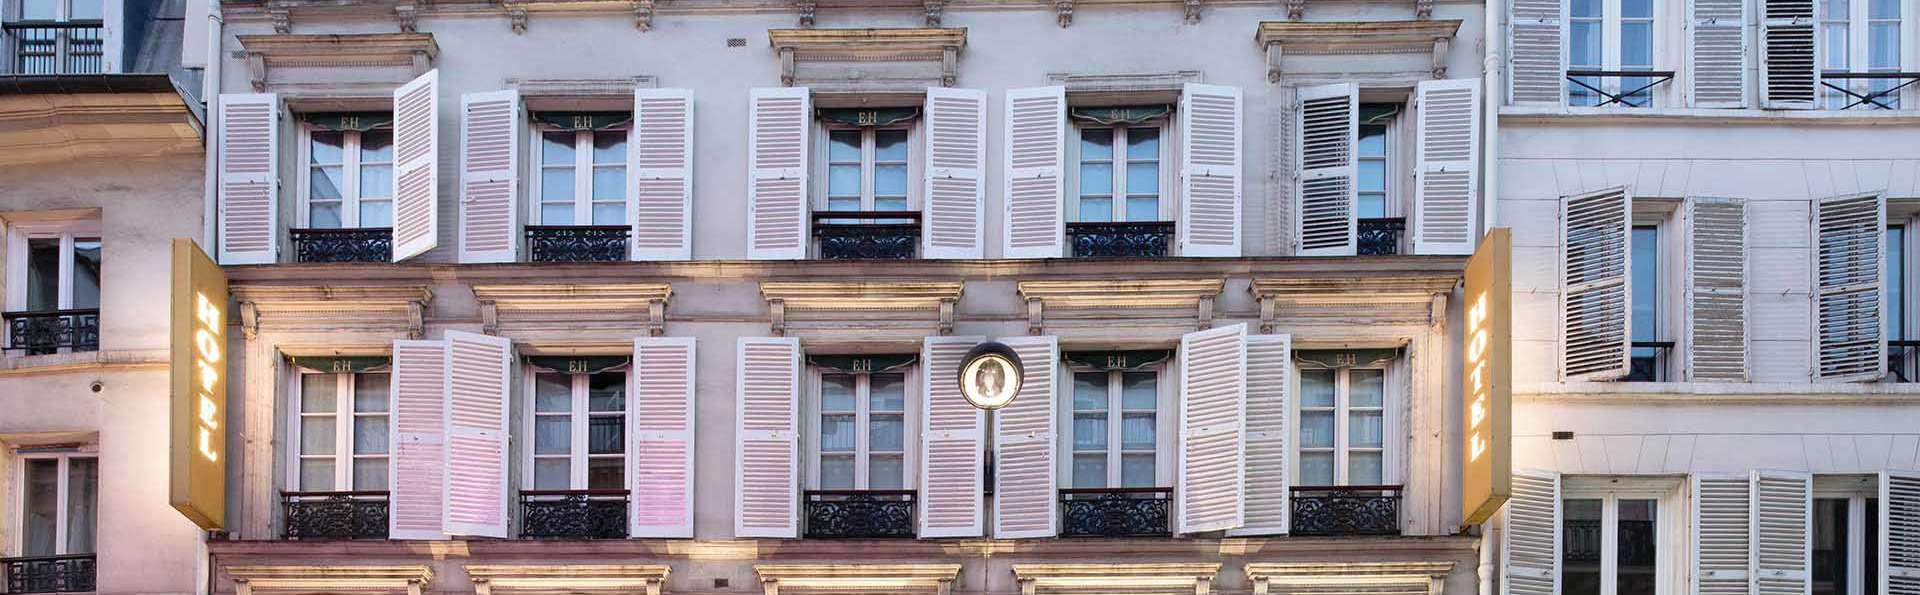 Elysées Hôtel - EDIT_FACADE__01.jpg